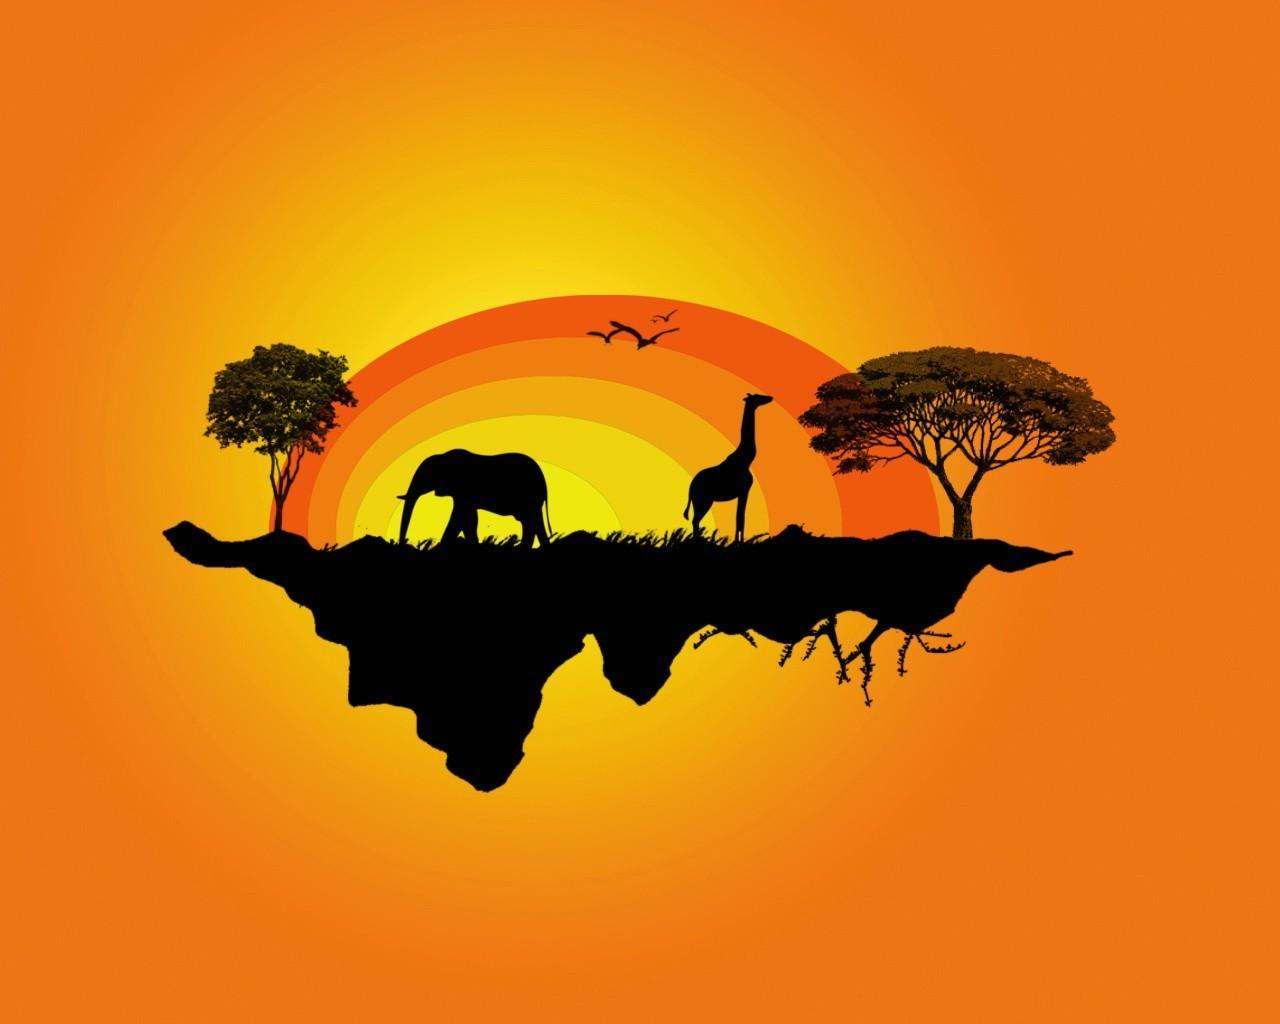 Поздравления, картинки африки с надписью